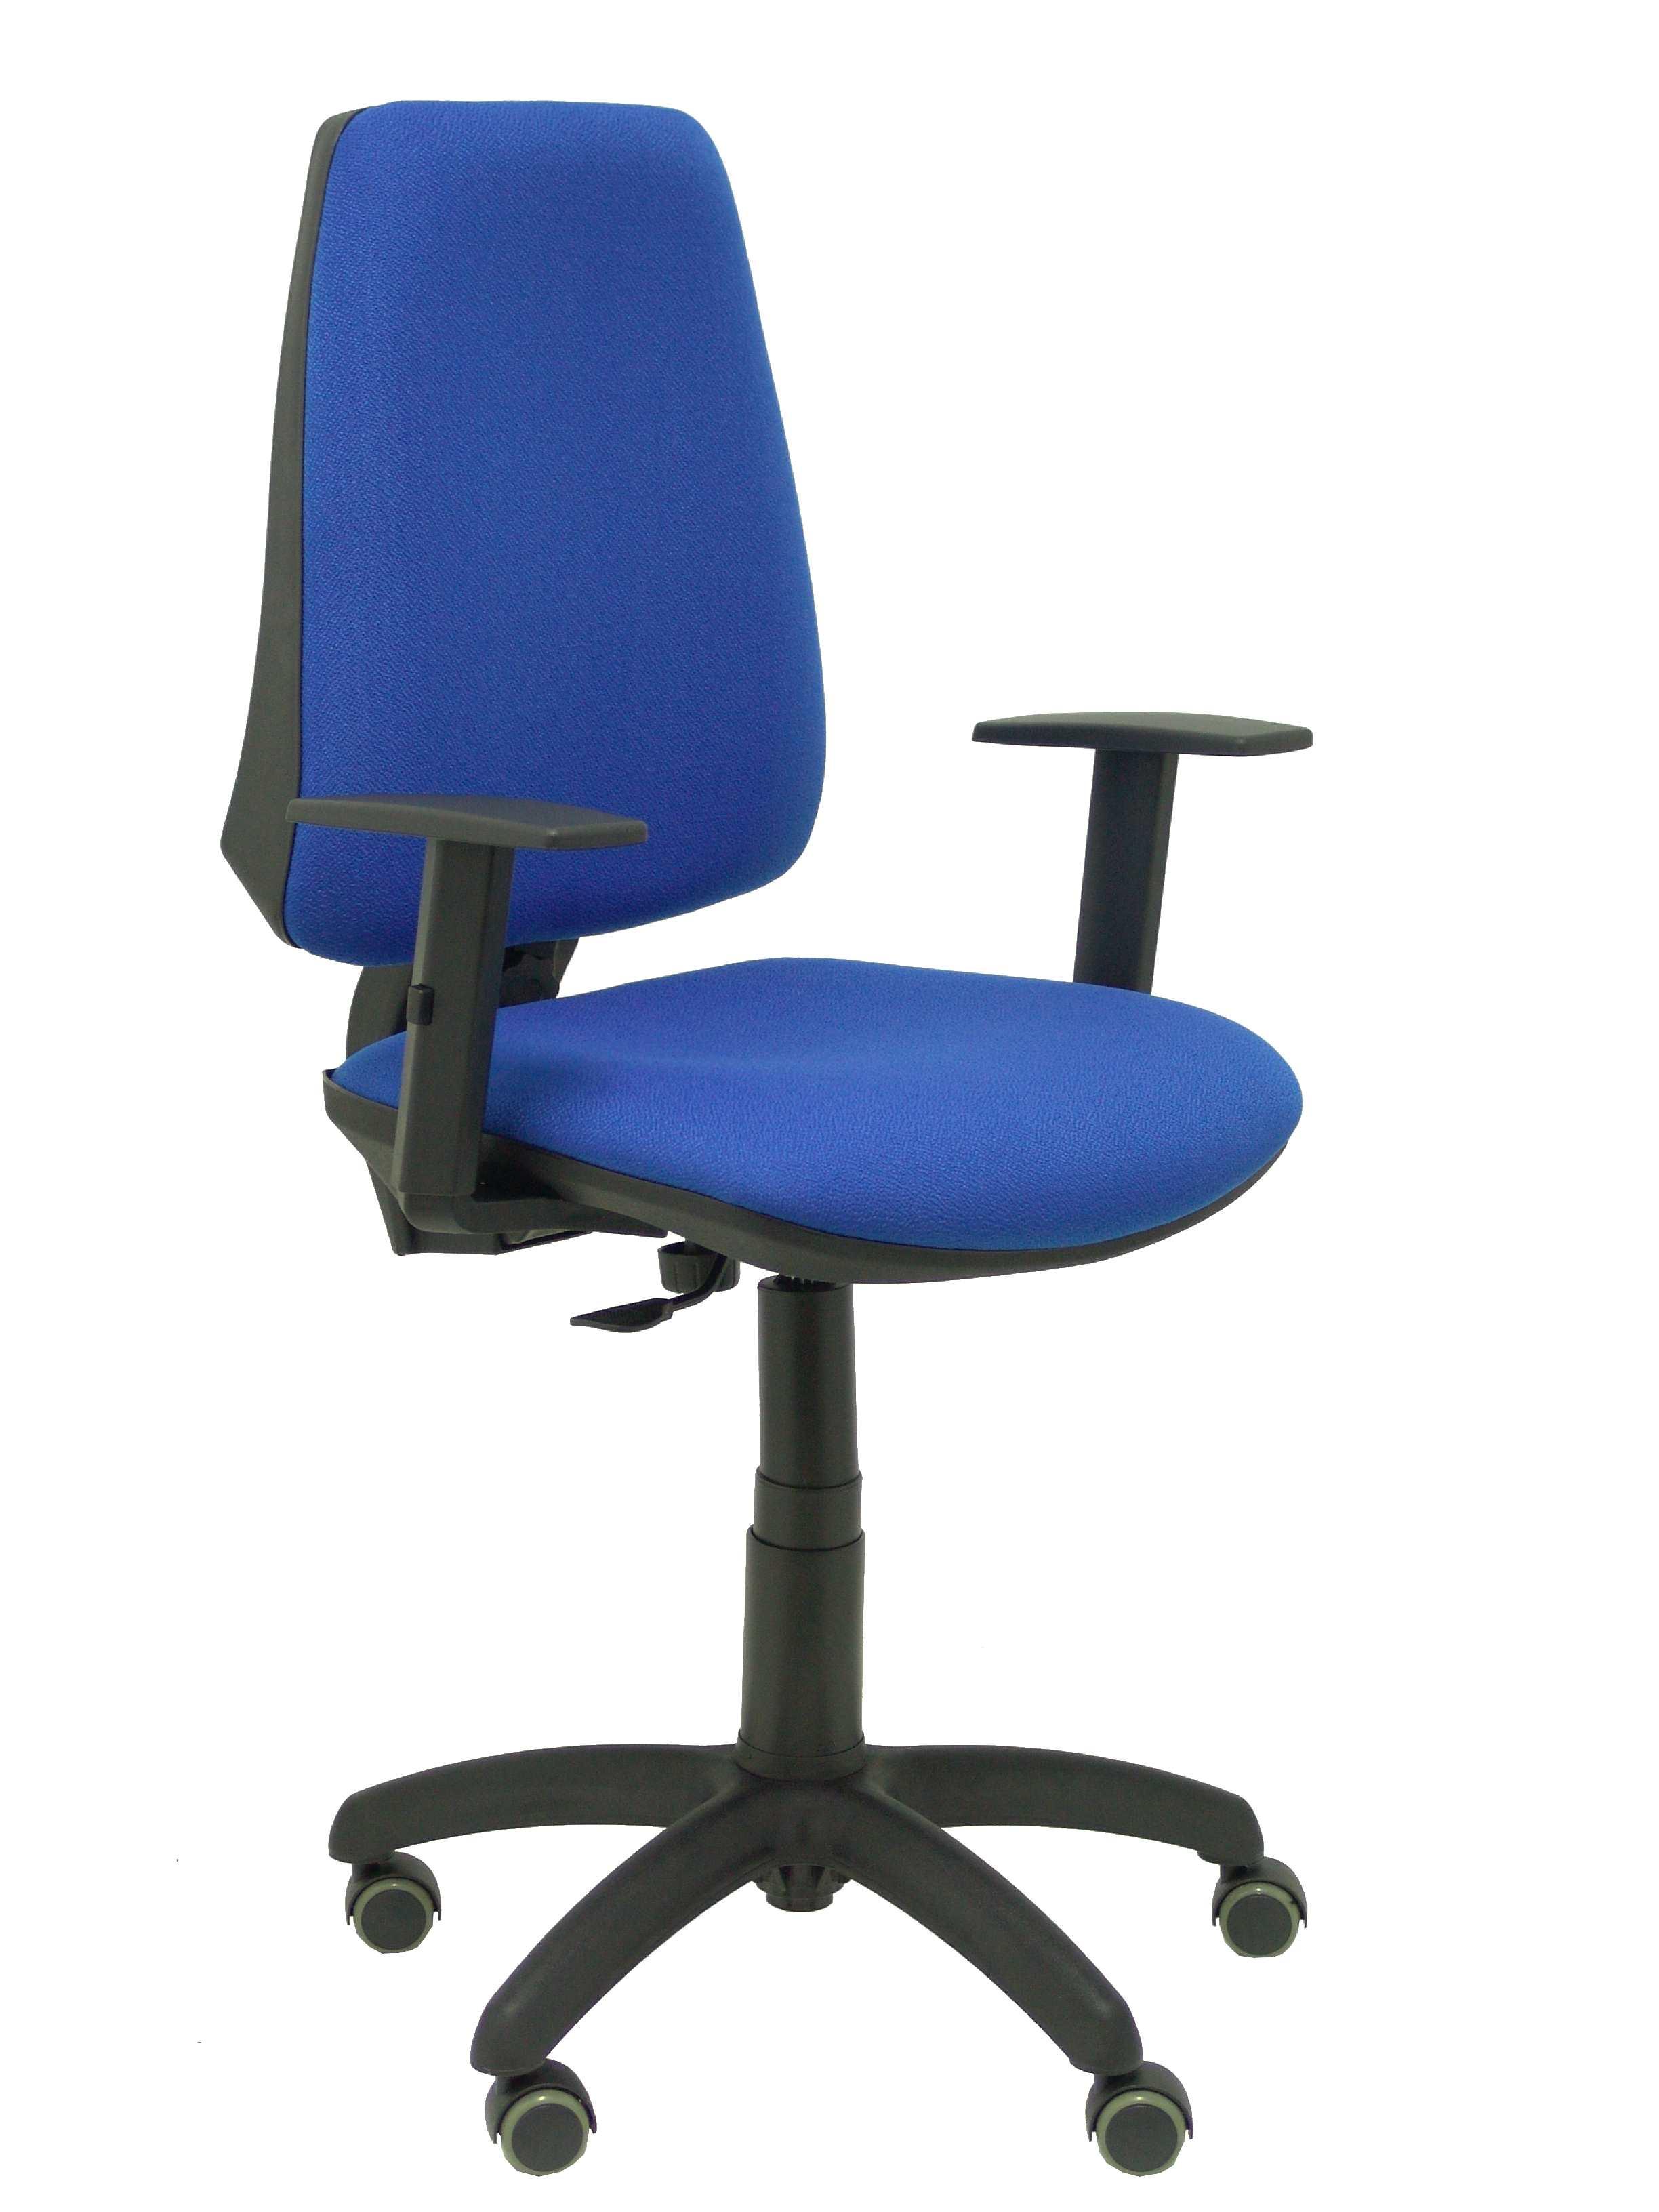 Silla Elche CP bali azul brazos regulables ruedas de parquet